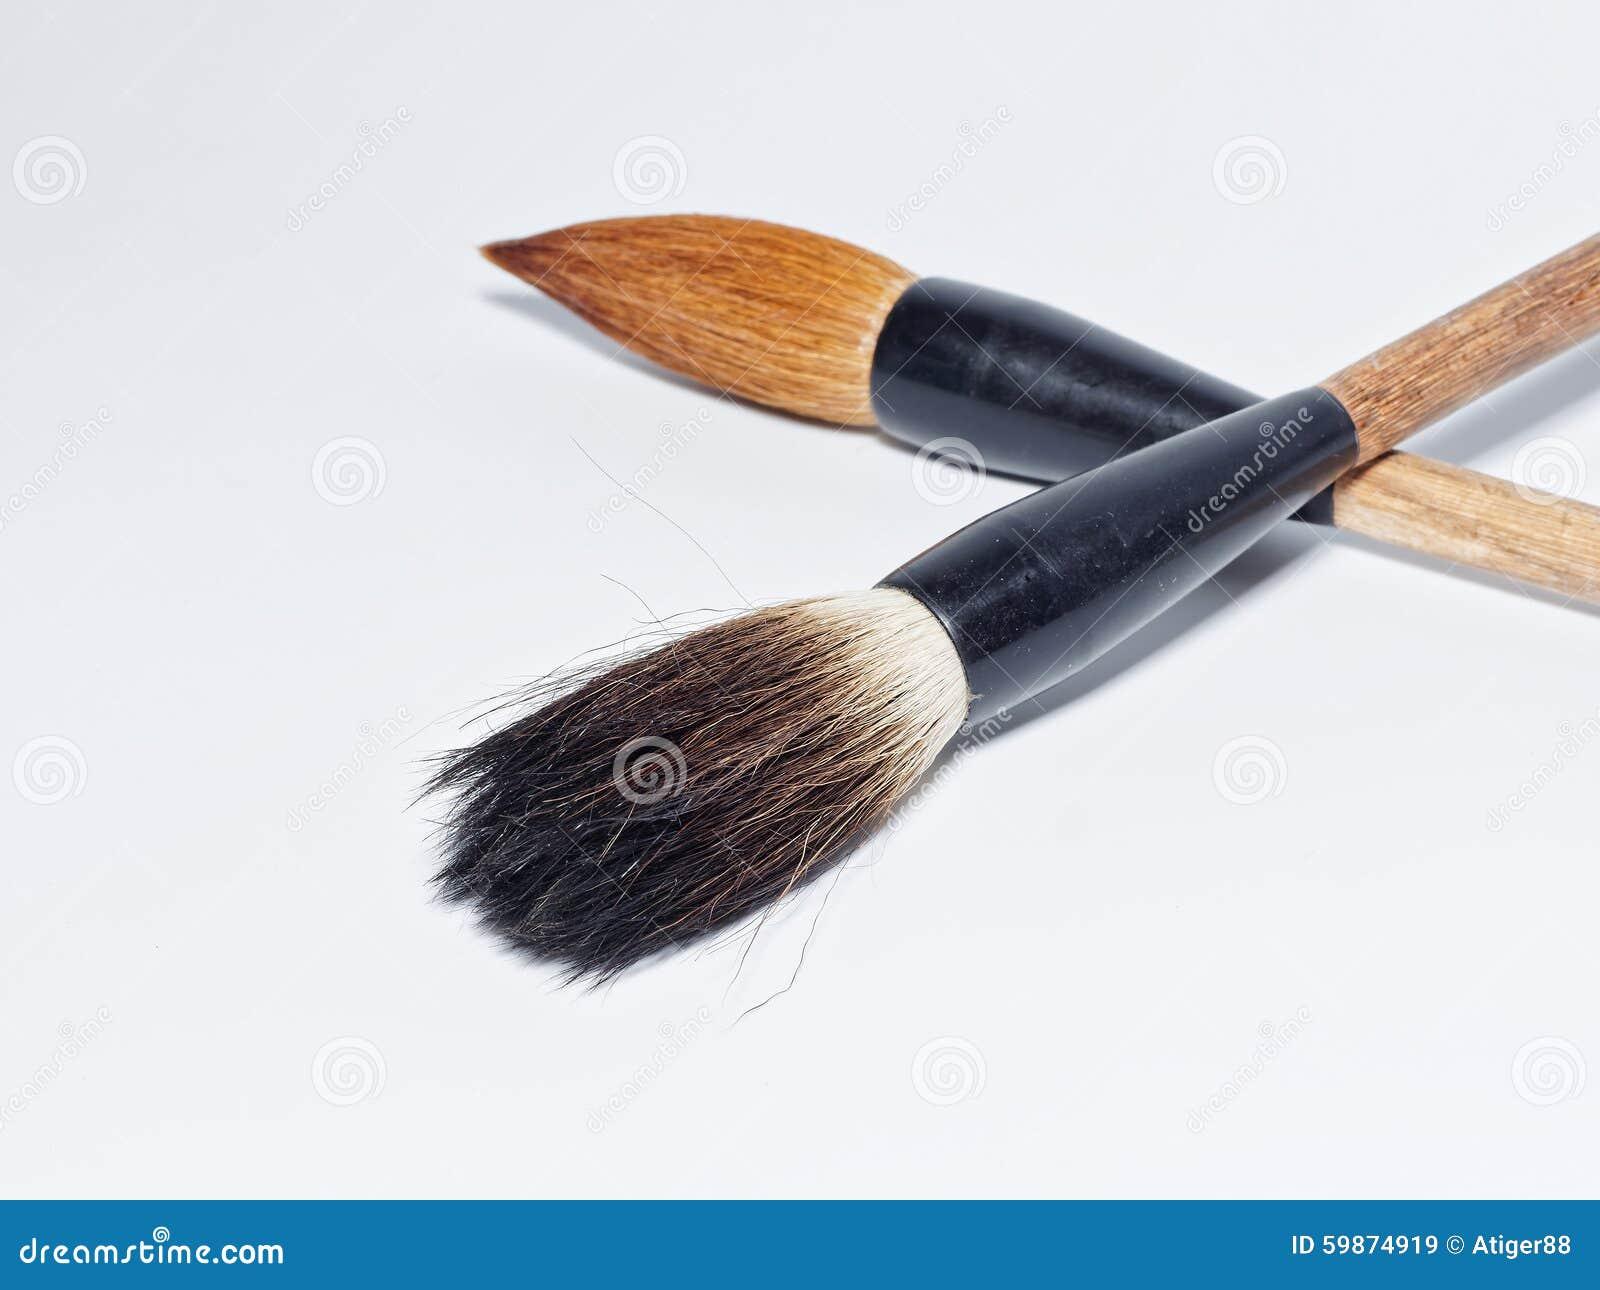 Chinese Writing Brushes Isolated On White Background